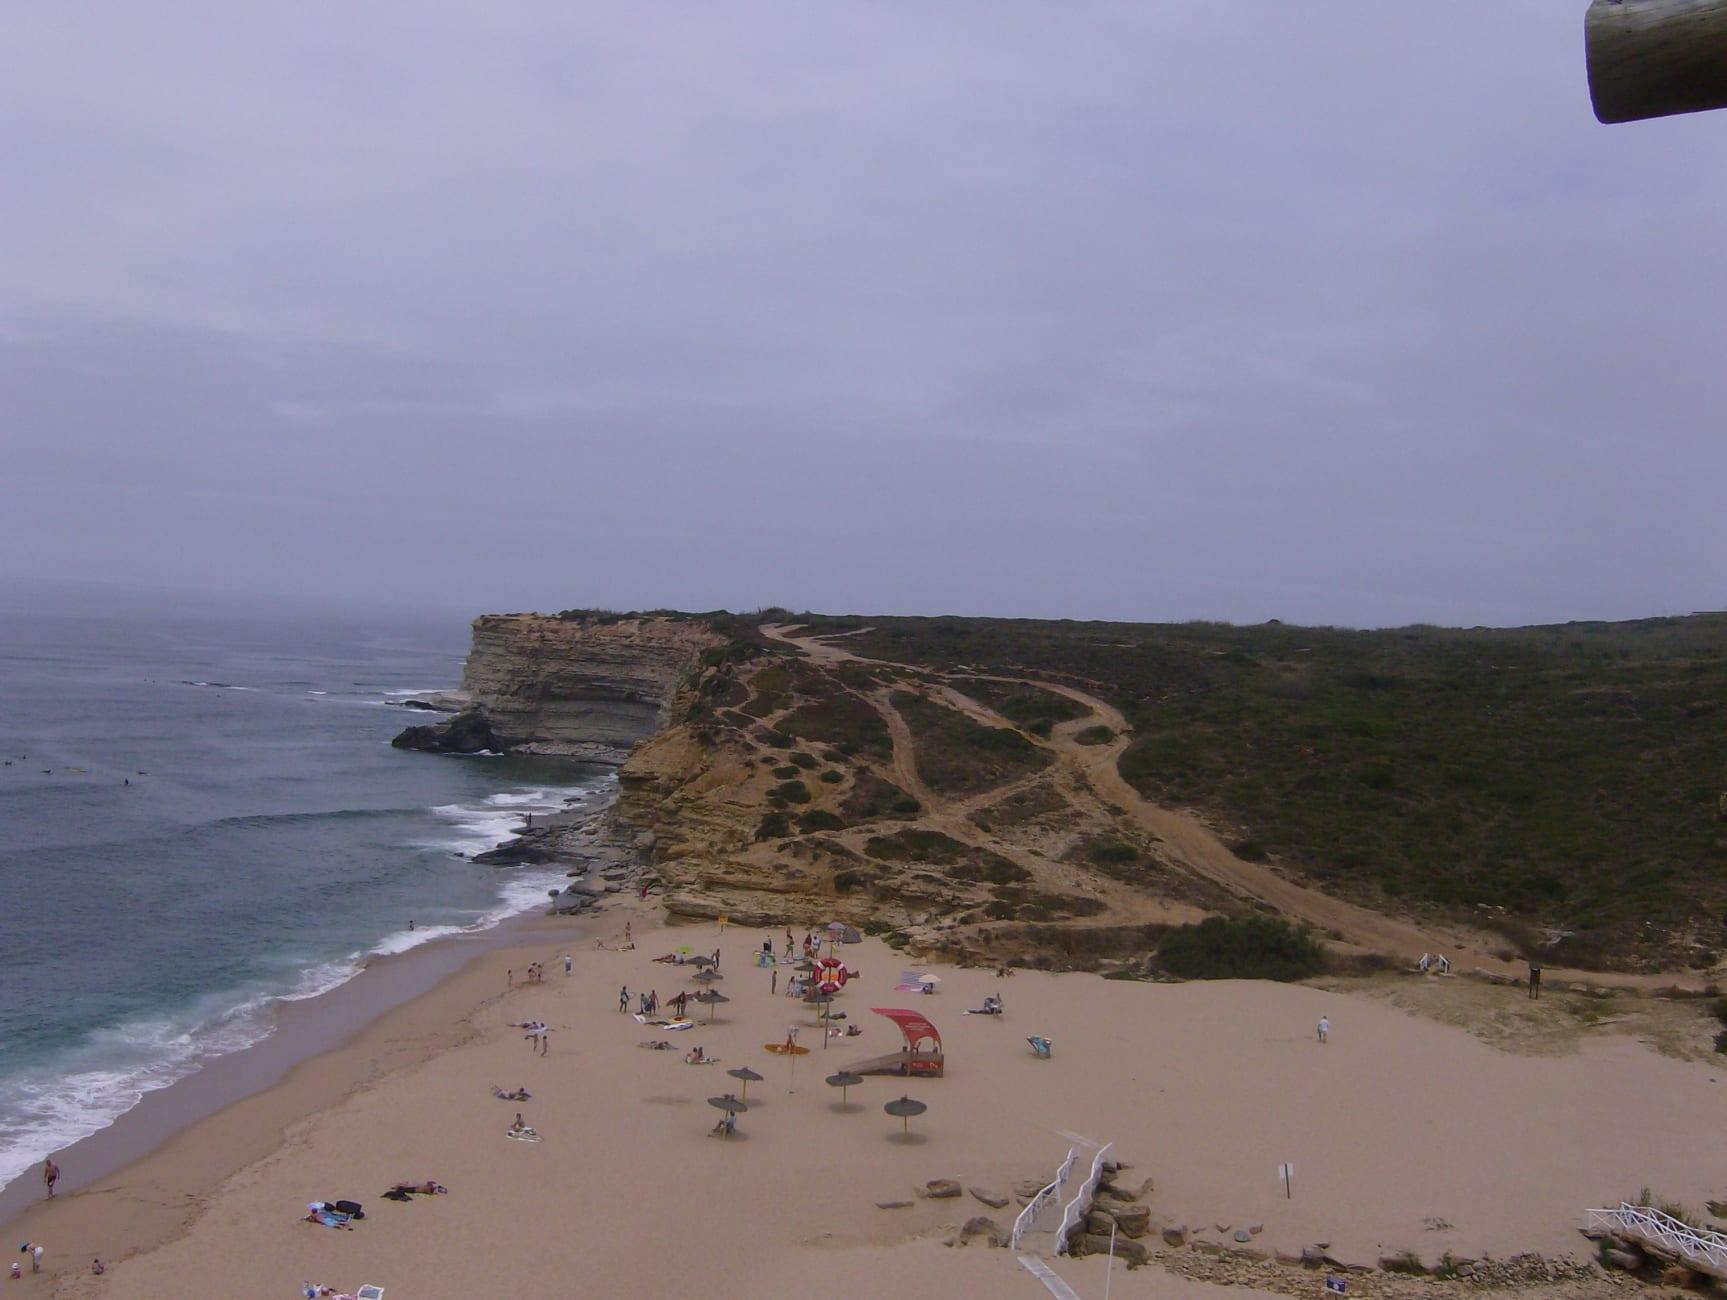 Hotels Near Praia De Ribeira D Ilhas In Ericeira Trivago Co Id